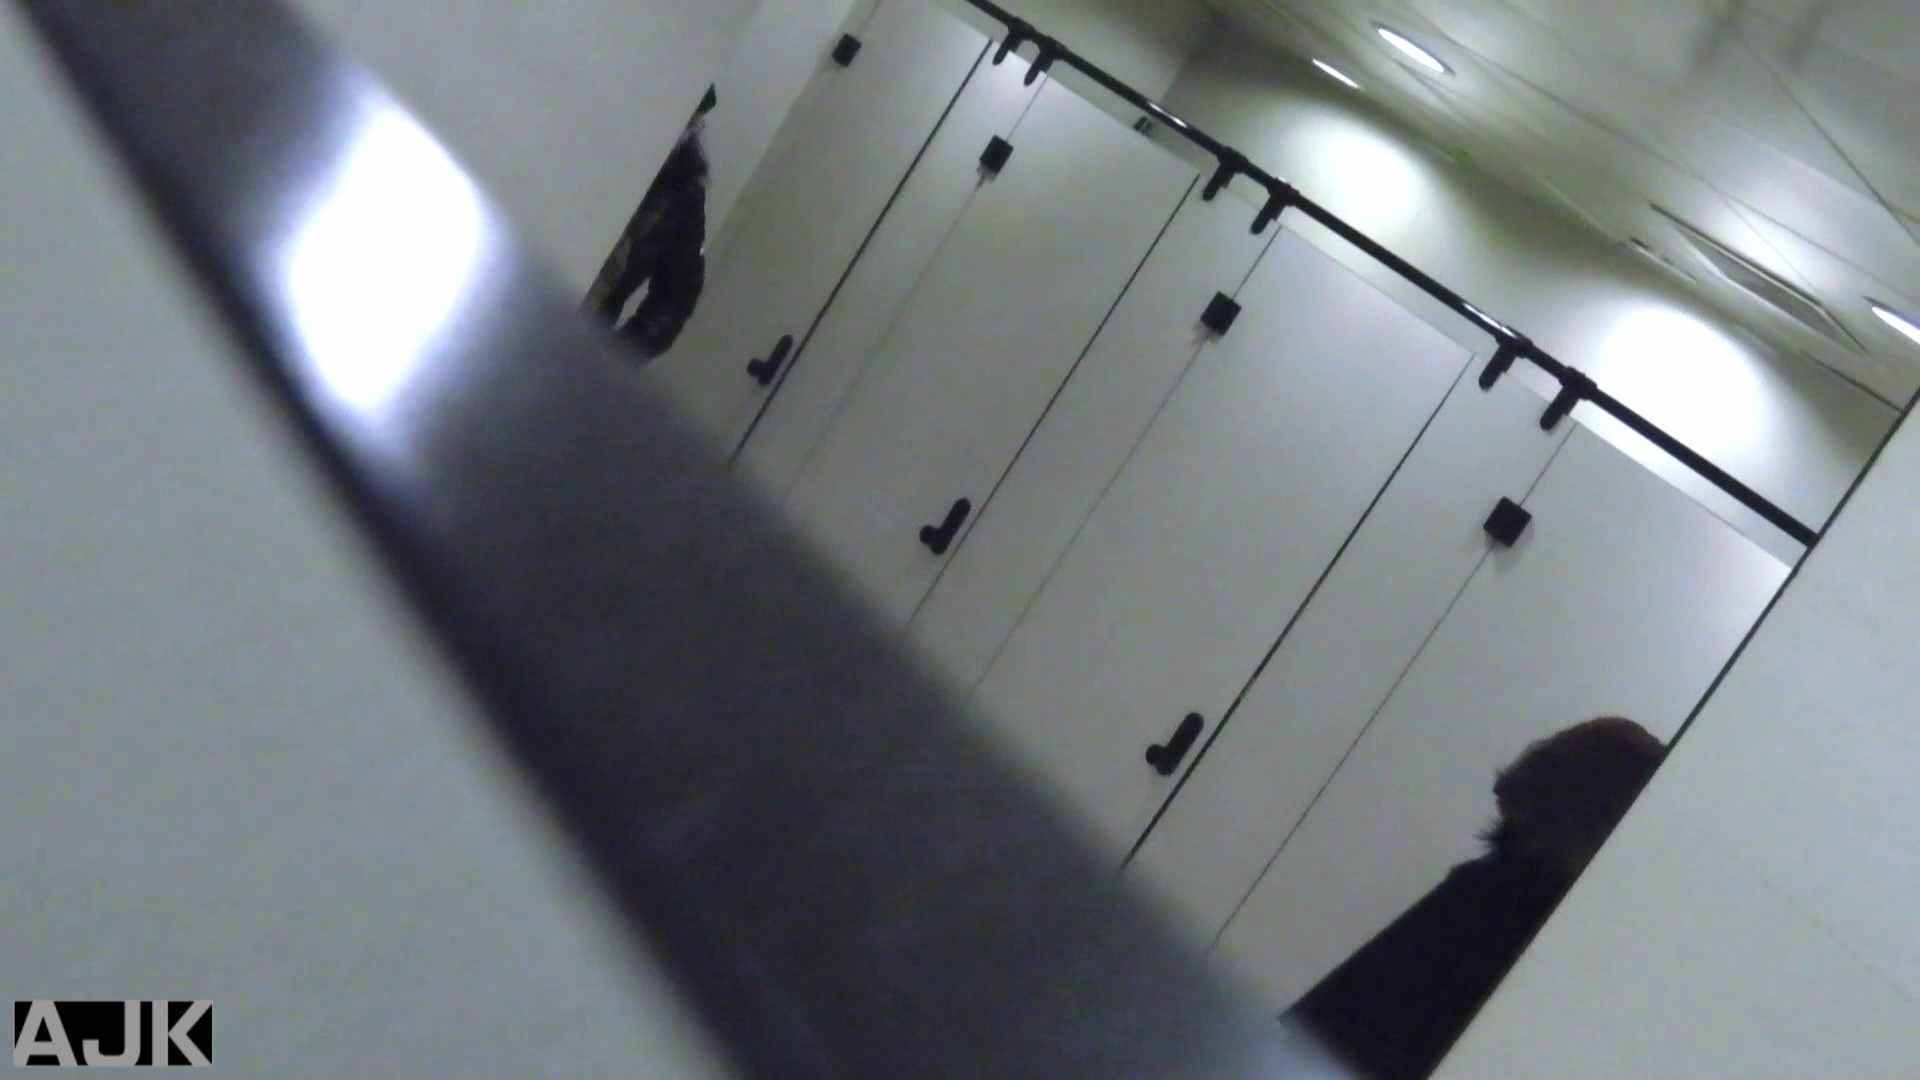 隣国上階級エリアの令嬢たちが集うデパートお手洗い Vol.29 OL   お手洗い  49連発 37